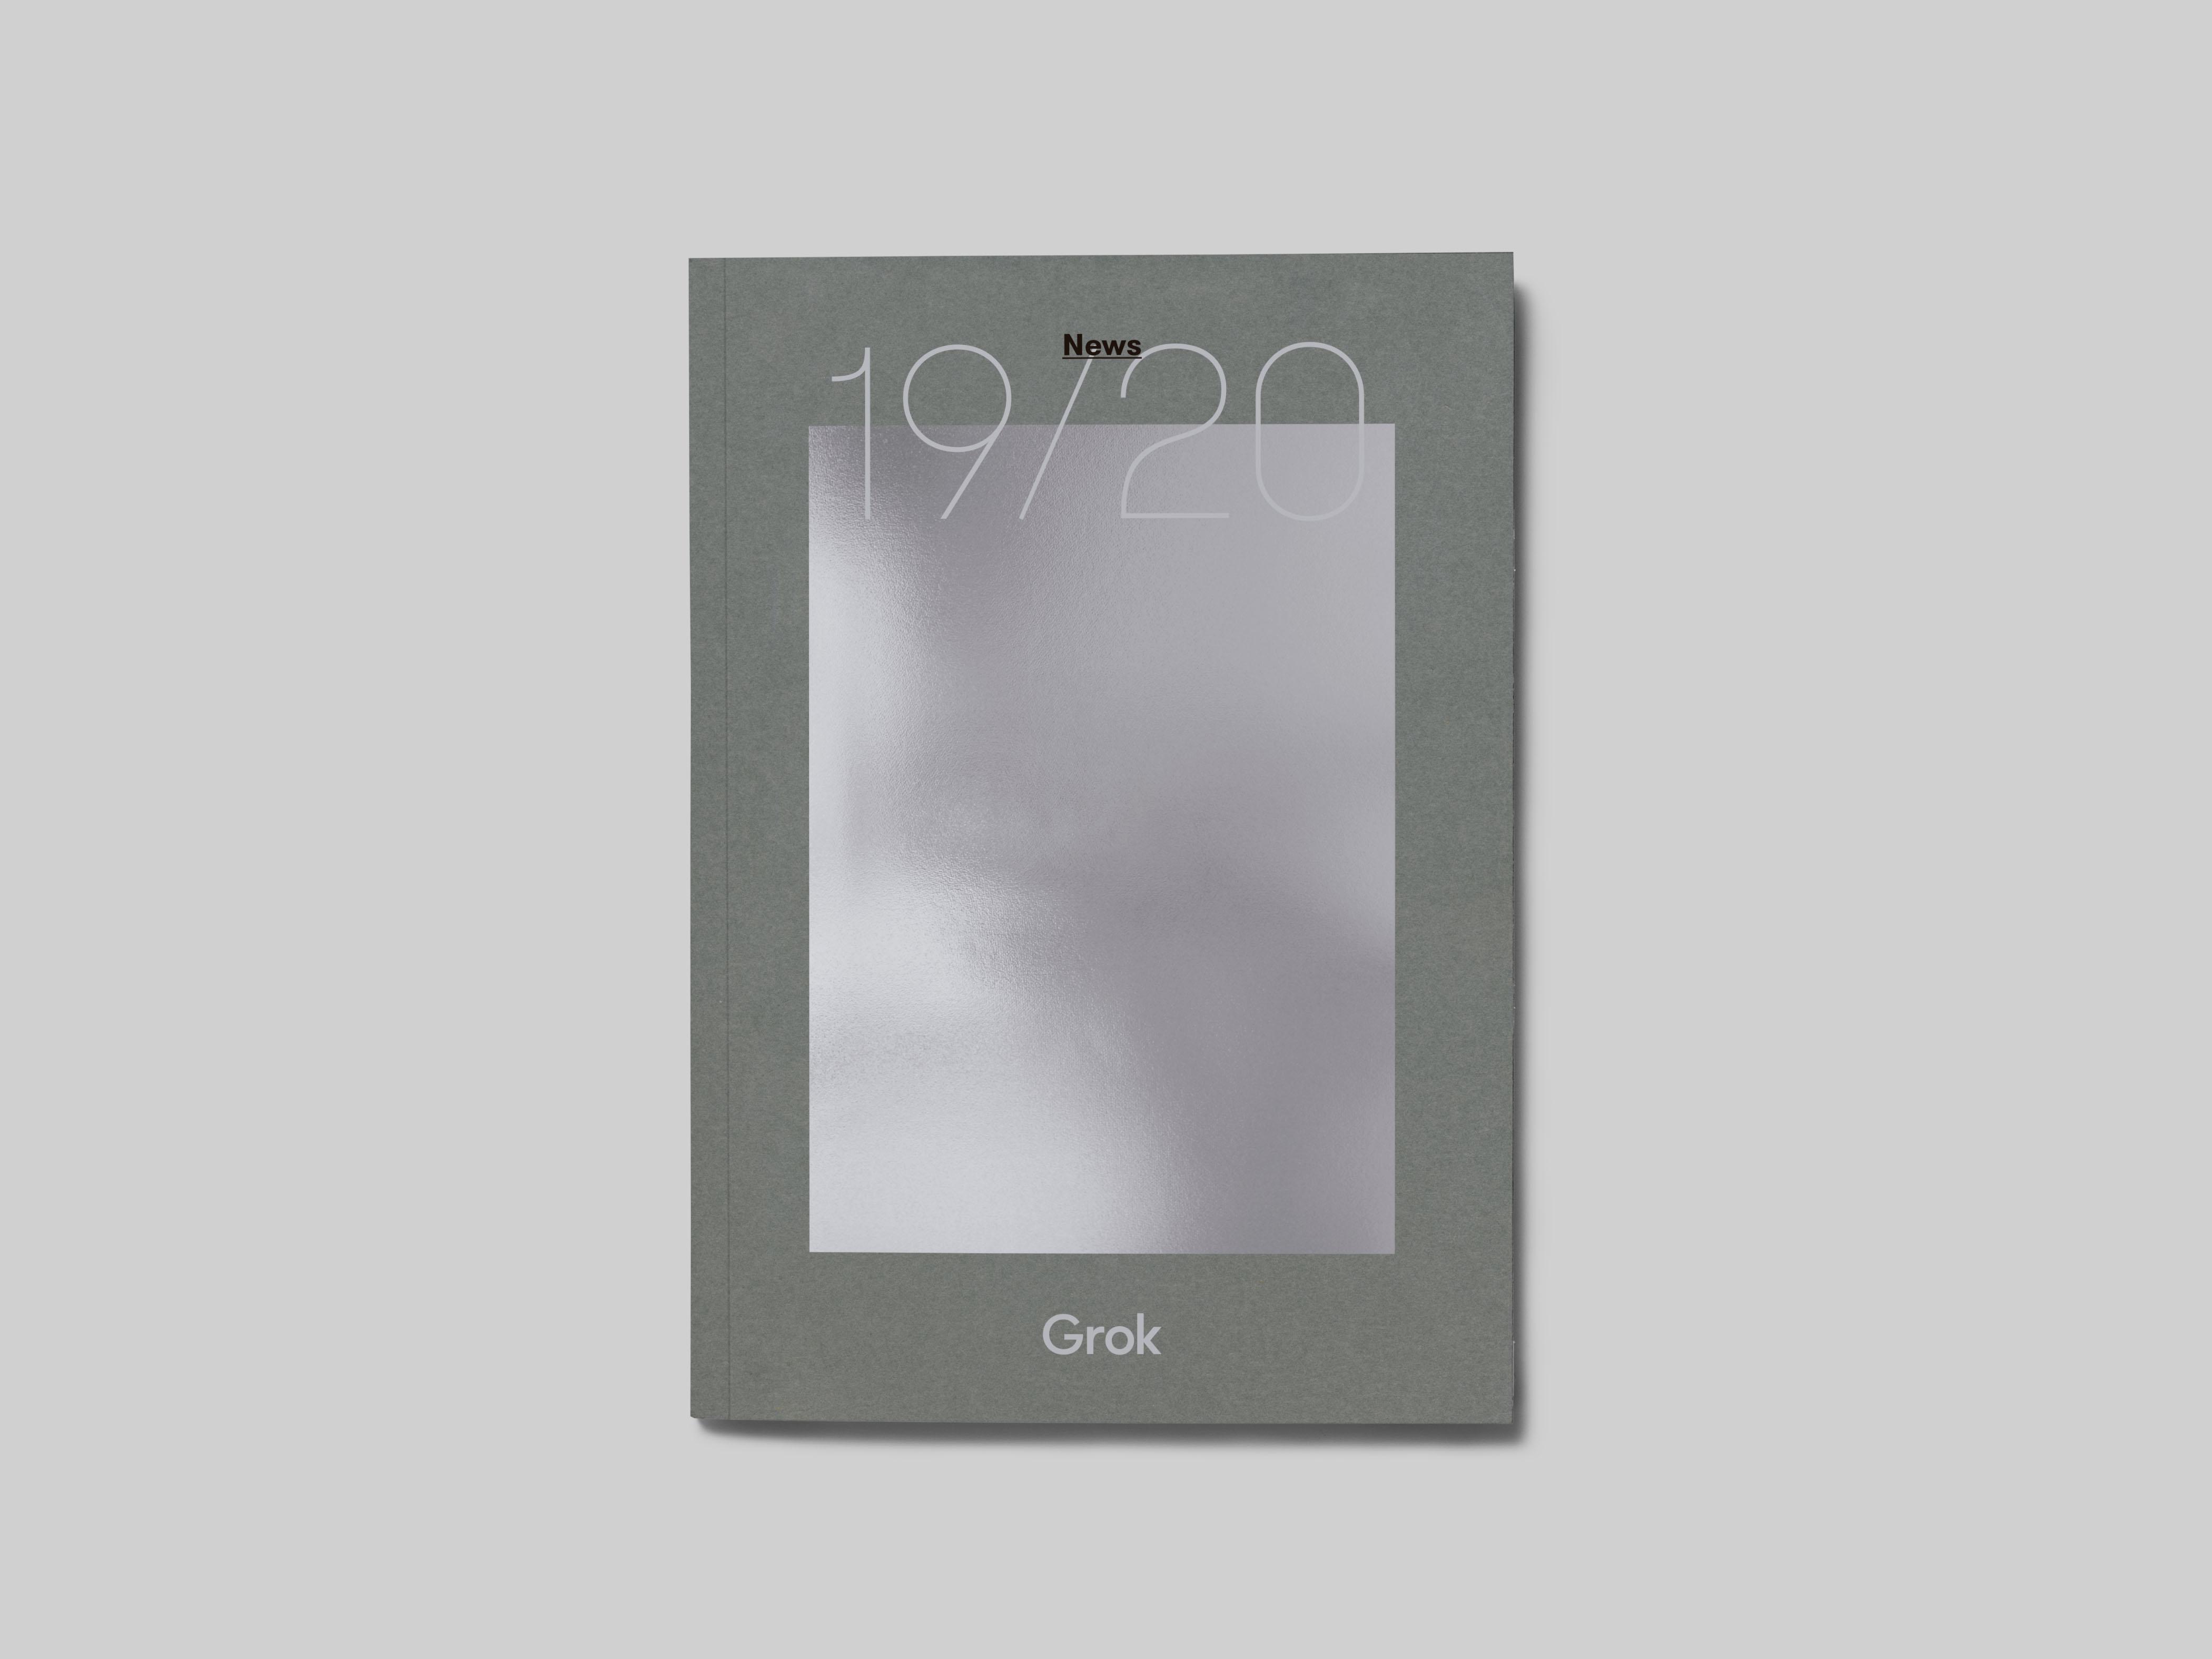 Grok présente son nouveau catalogue 2019/20